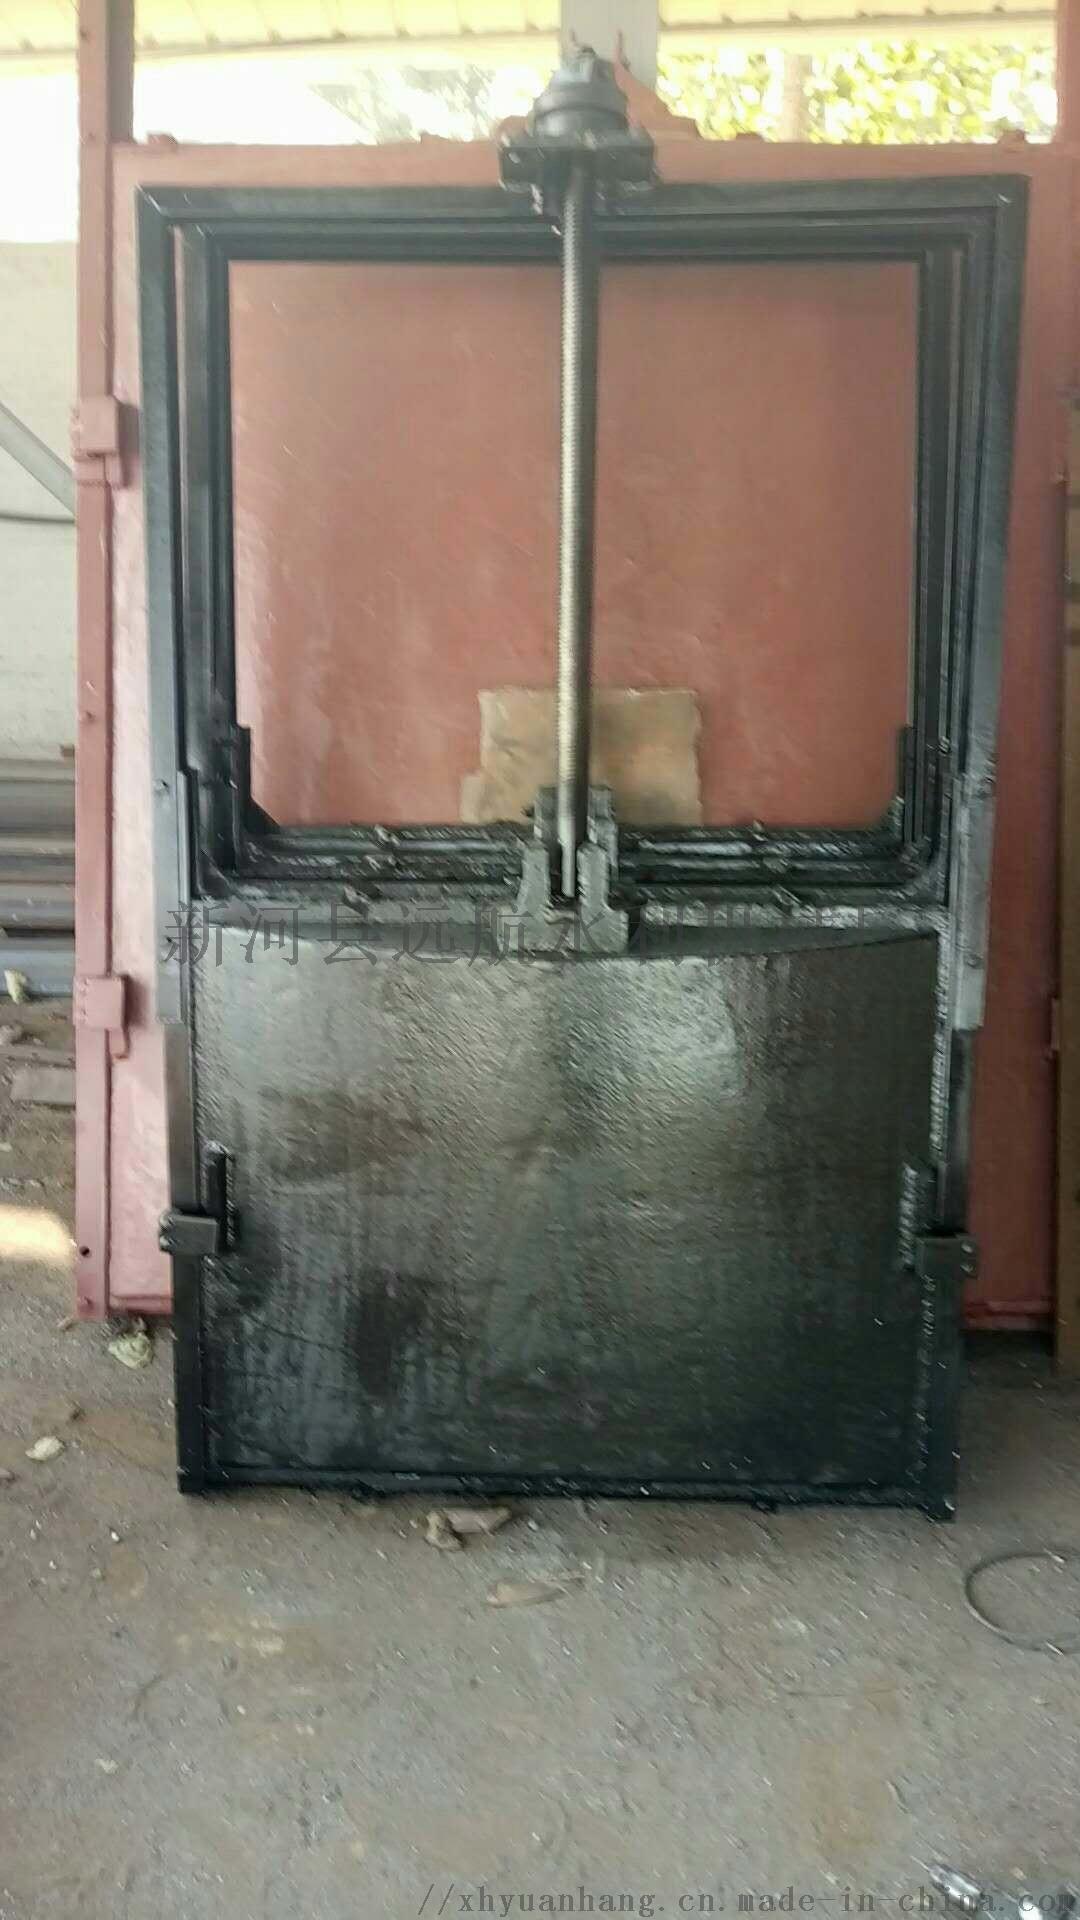 機閘一體式鑄鐵閘門  機閘一體型  鑄鐵材質782232312